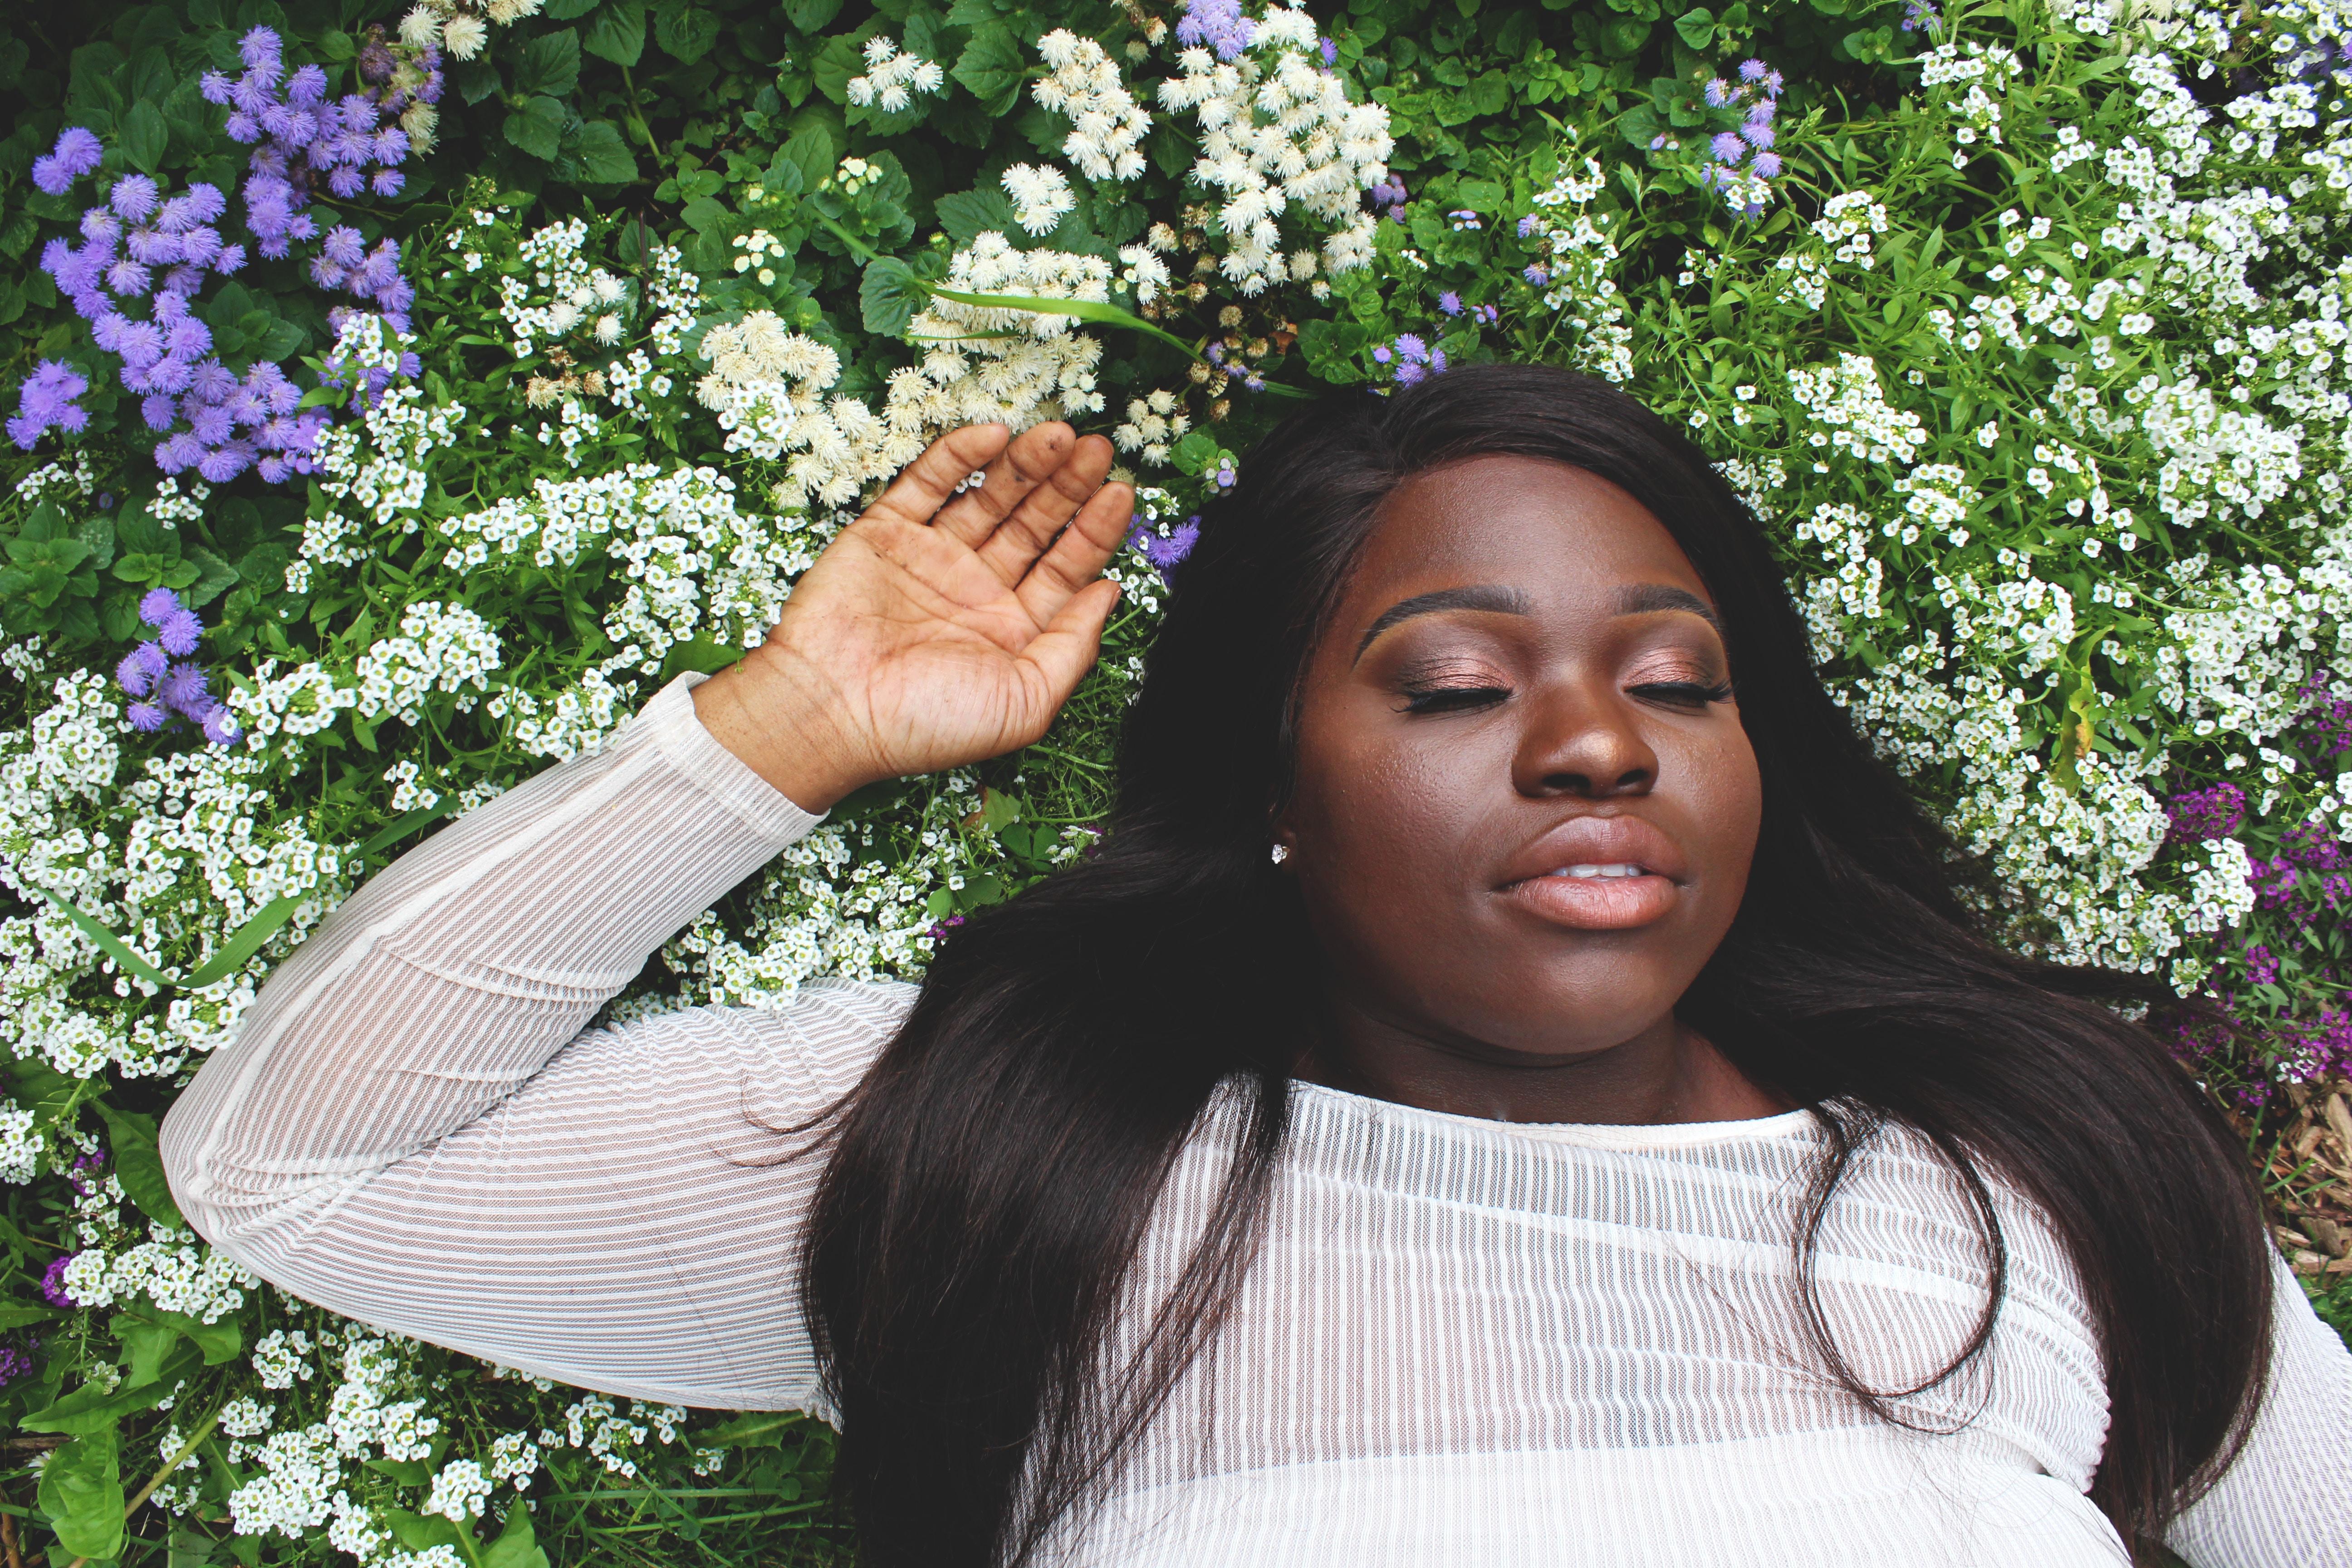 woman sleeping in flowers